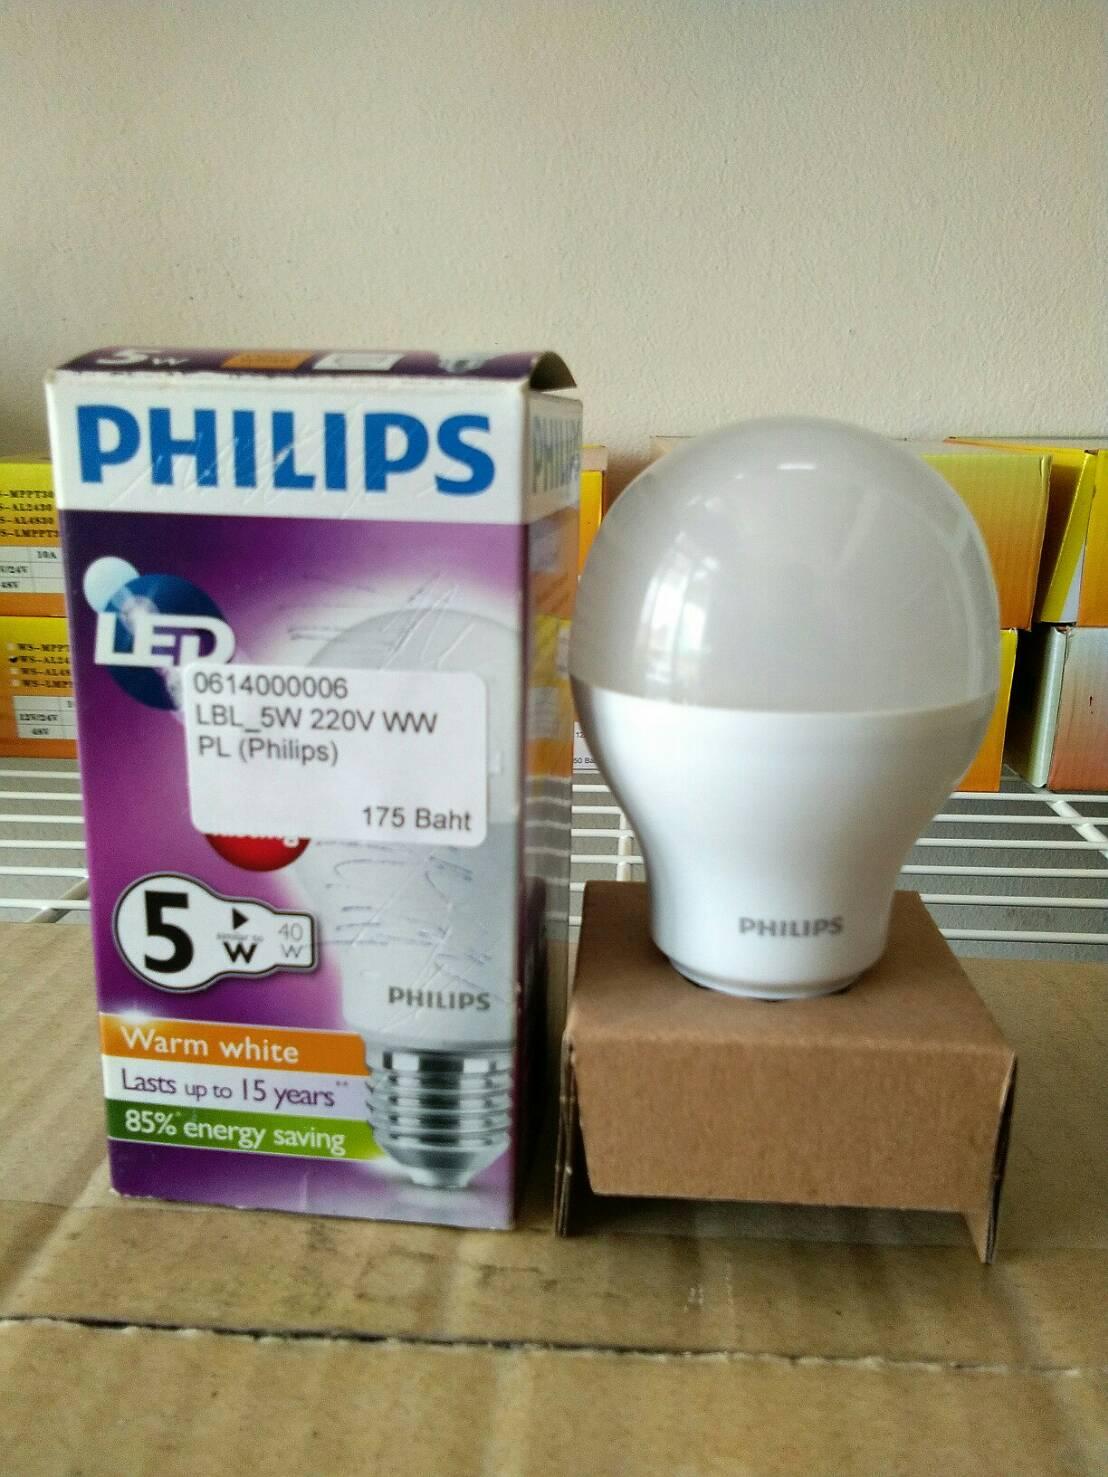 หลอดไฟ LED E27 Bulb ขนาด 5W 220V Warm White PL (Philips)